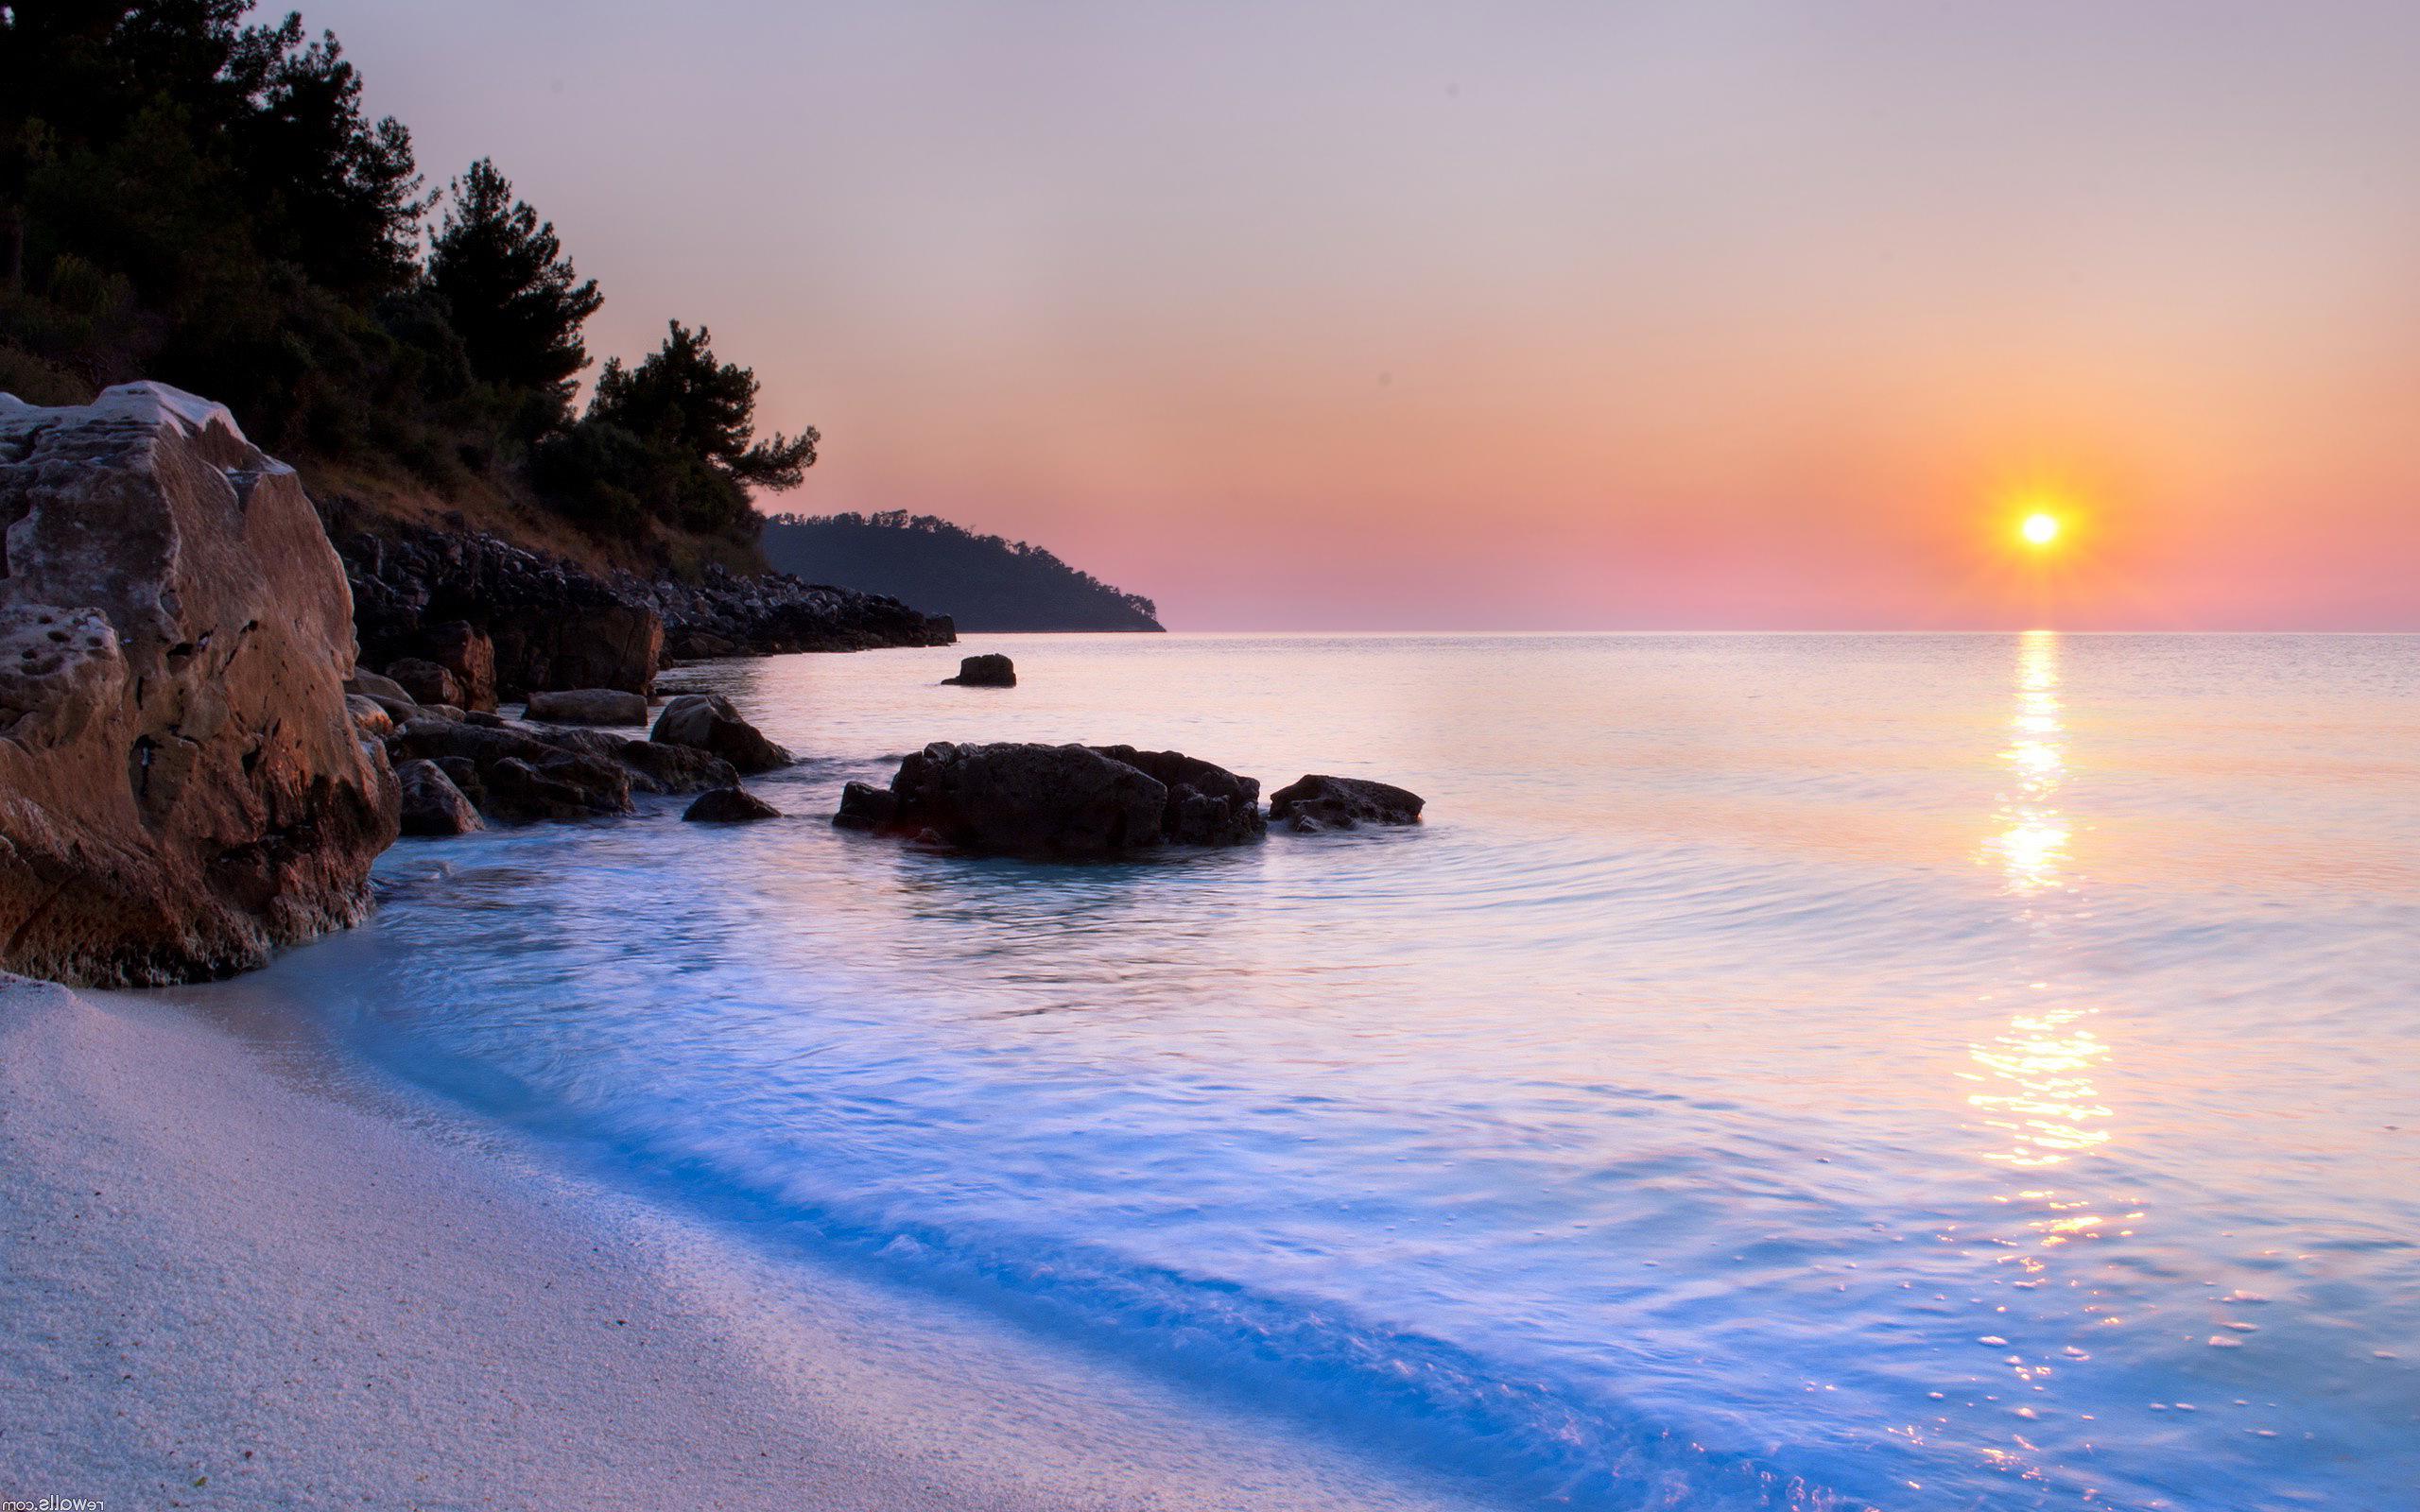 Silent beach evening sunset